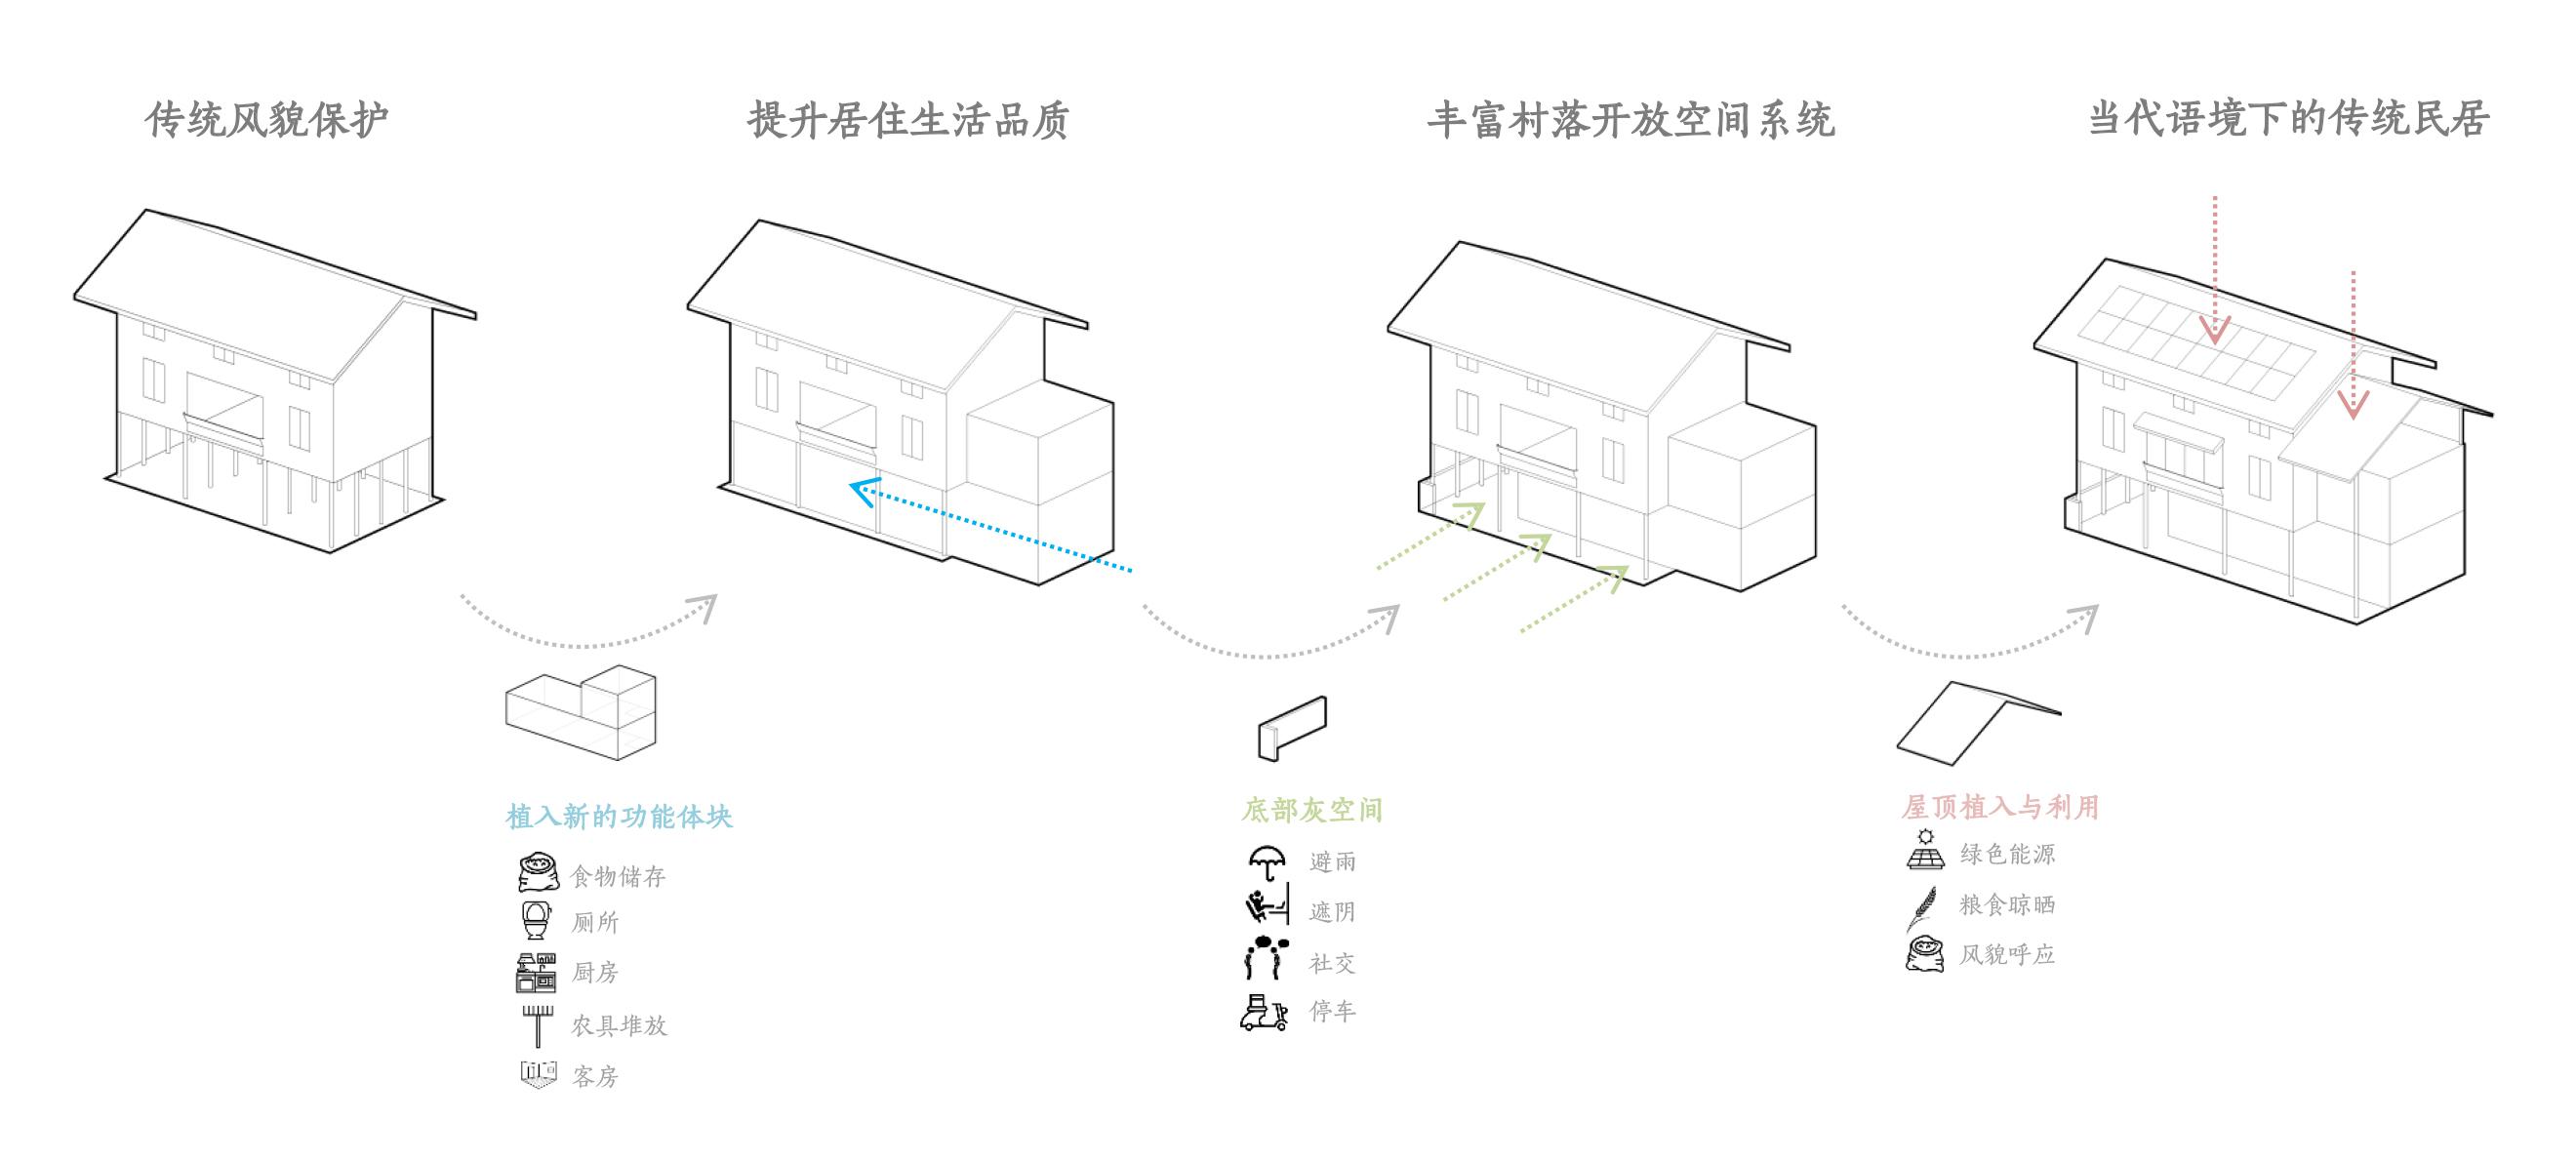 贵州龙塘精准扶贫设计实践 / gad · line+ studio